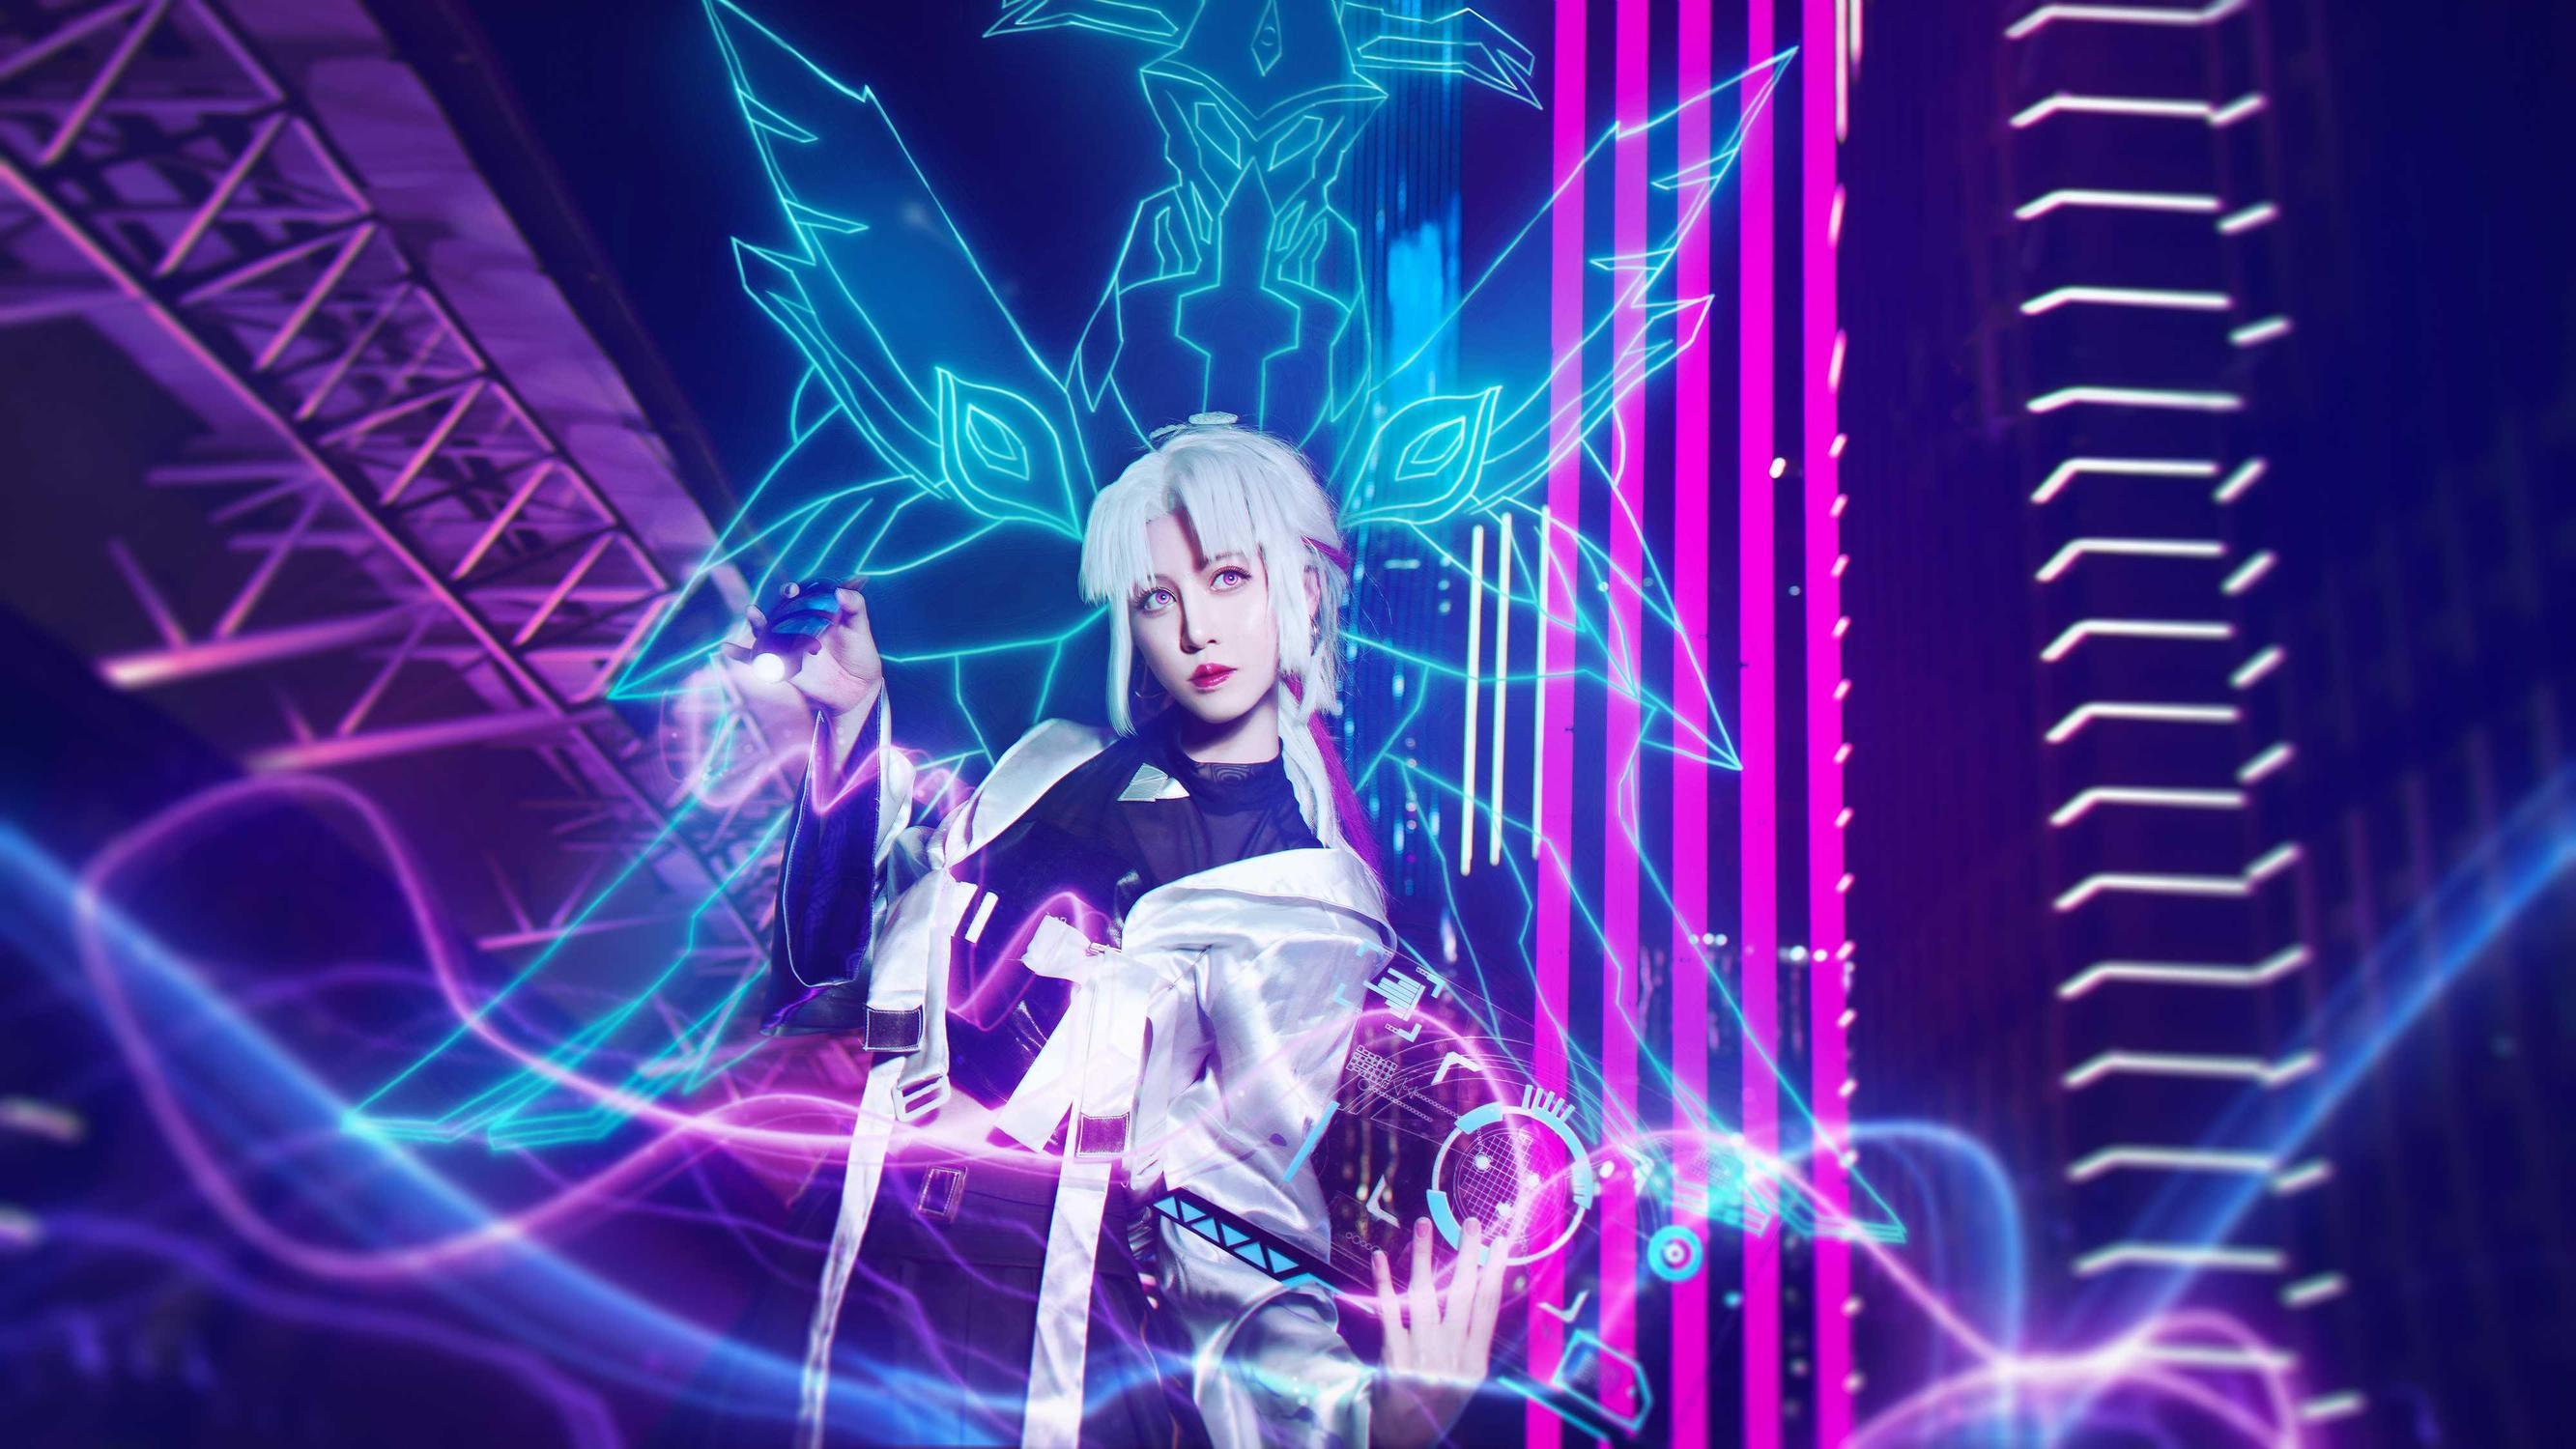 《王者荣耀》游戏cosplay【CN:咸鱼的寿司】 -cosplay吸血鬼图片插图